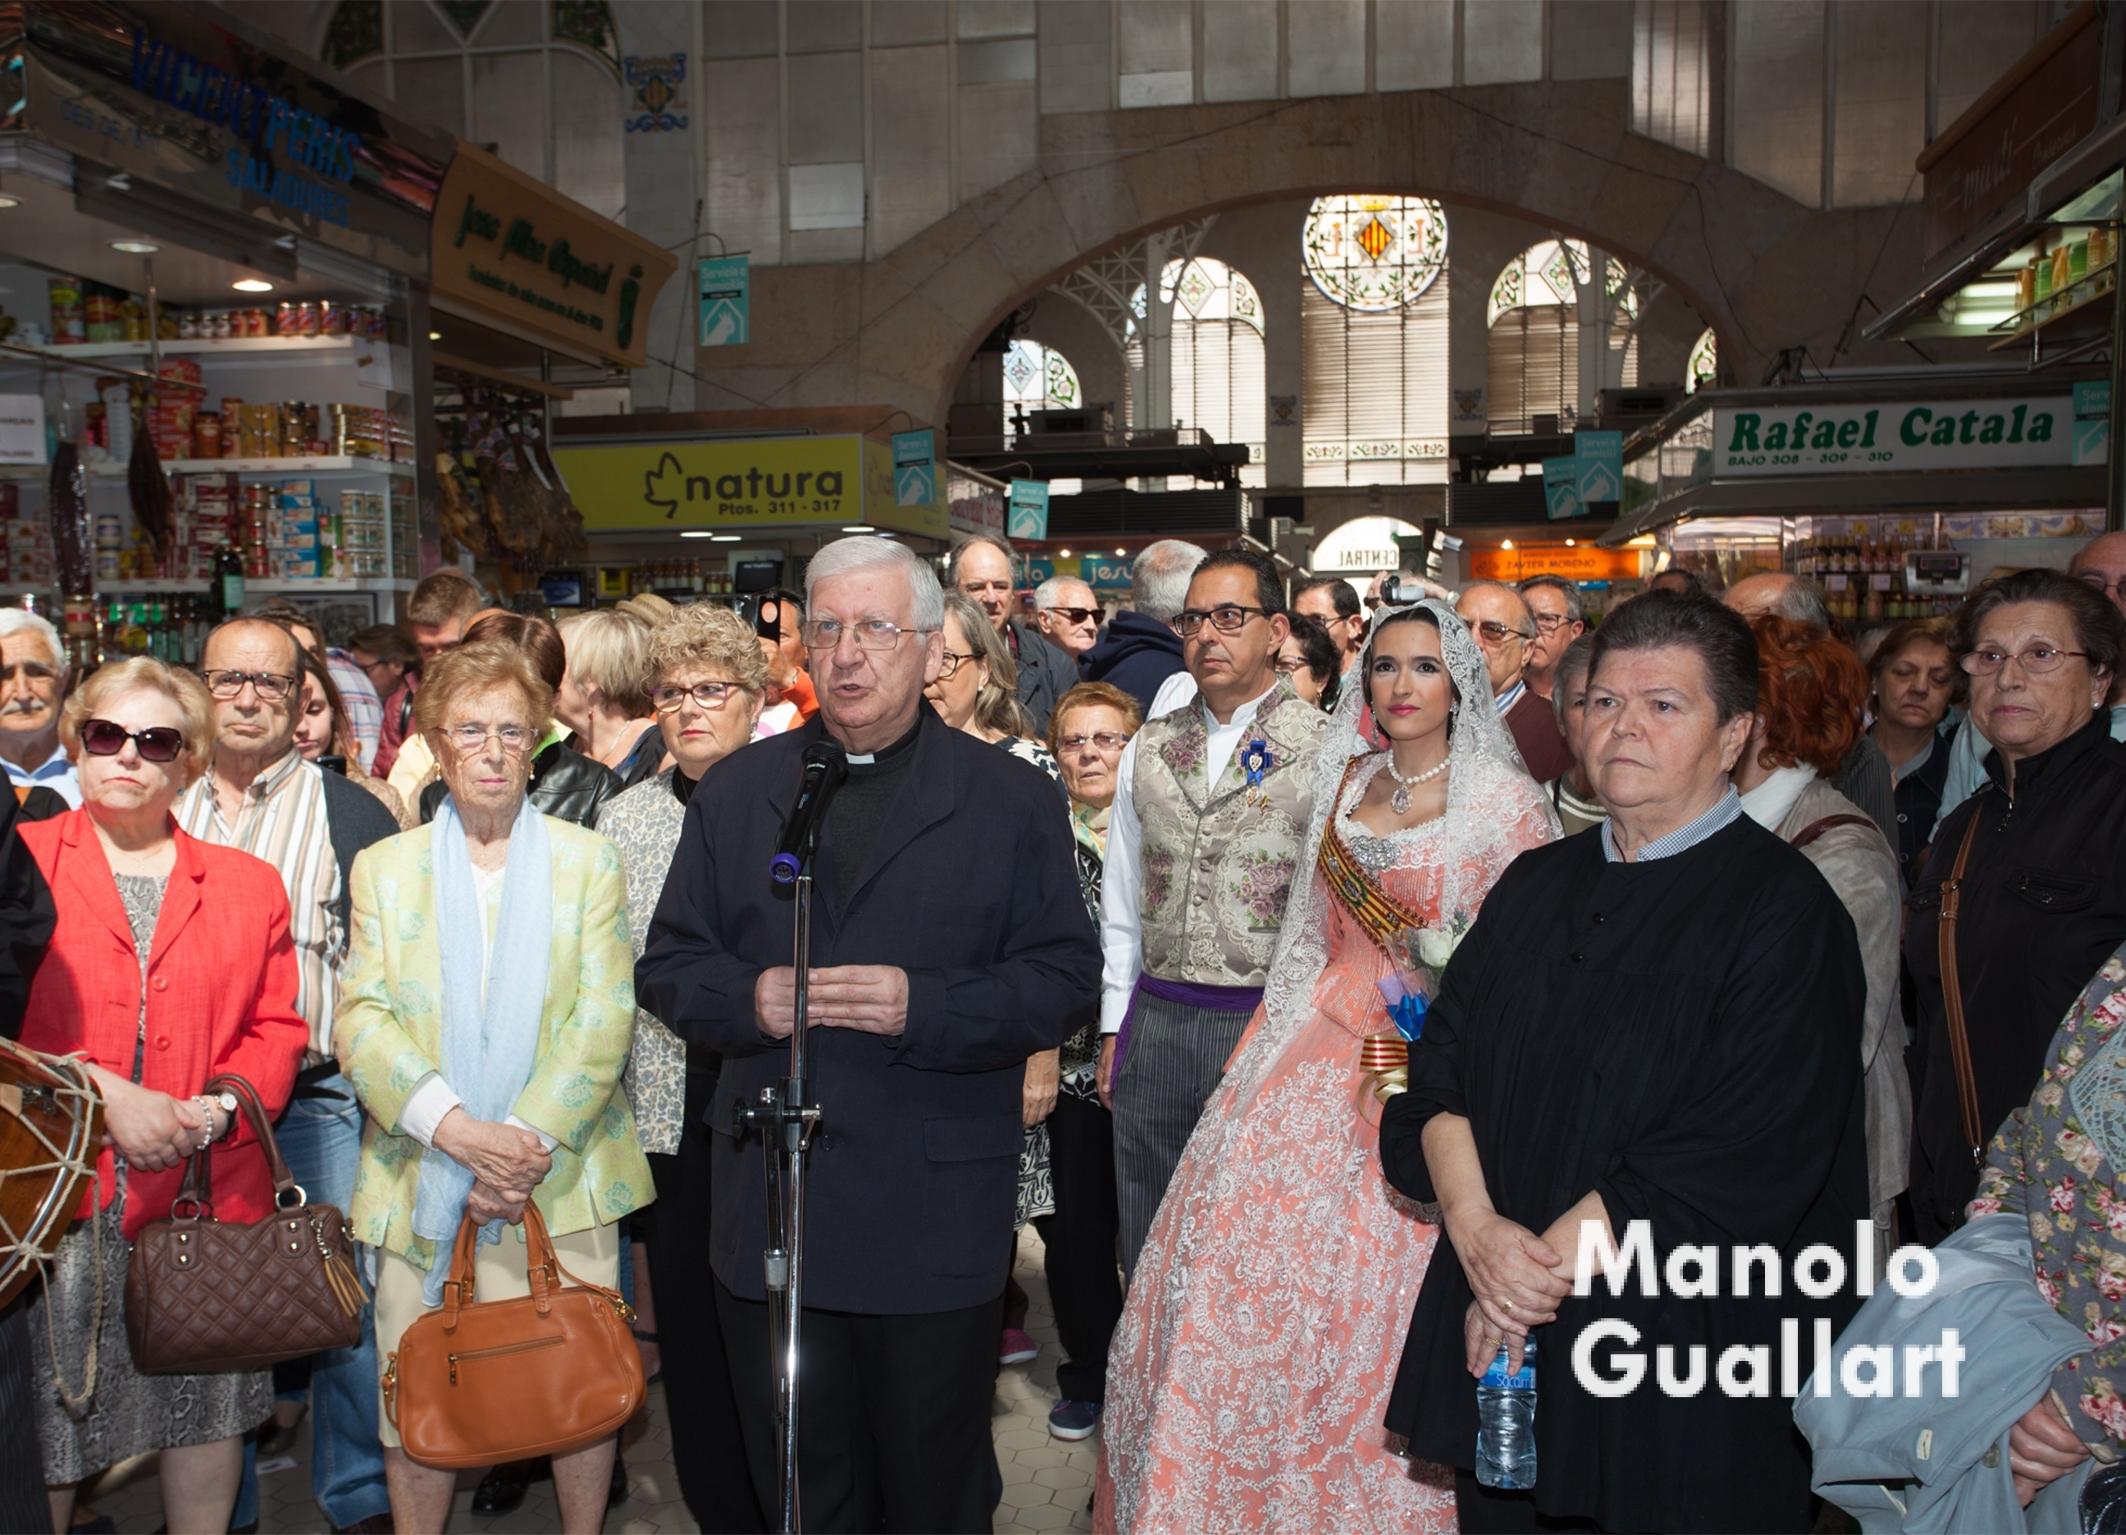 Vicente Vicedo, párroco de los Santos Juanes, reza a la Virgen en el Mercado Central. Foto de Manolo Guallart.